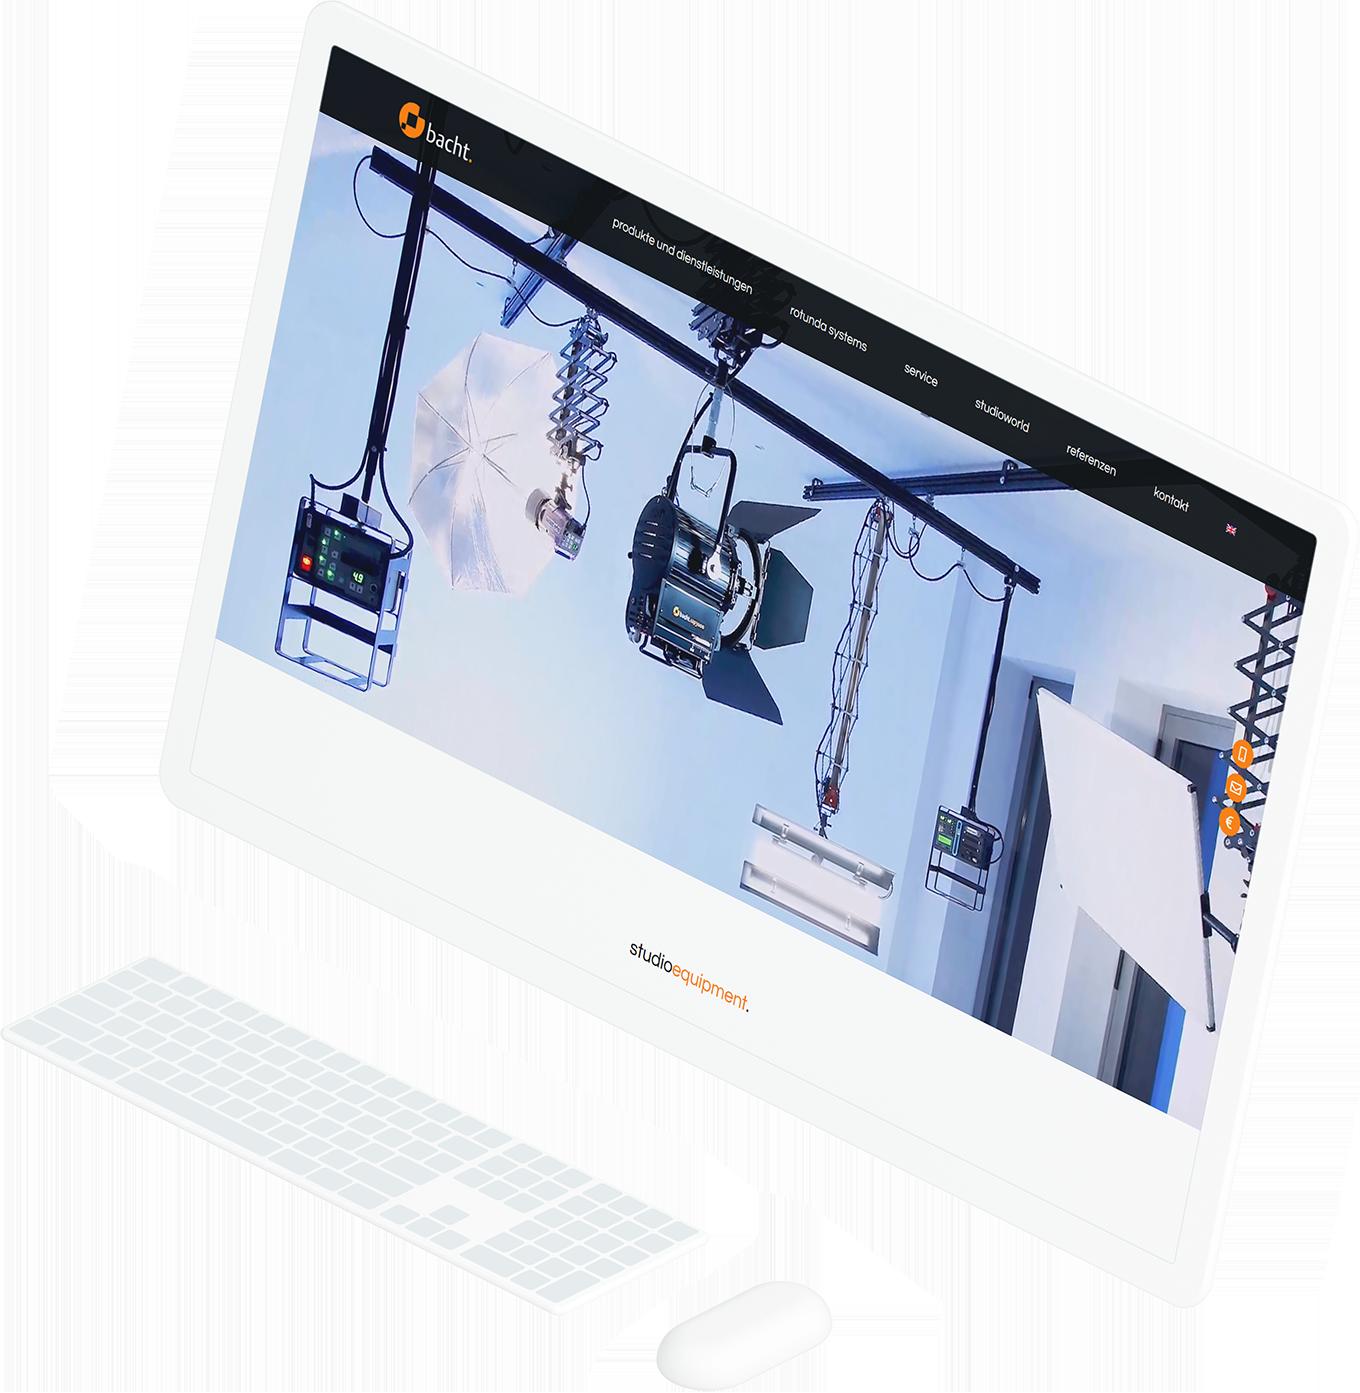 Großer, weißer Computerbildschirm, der die Startseite von bacht anzeigt